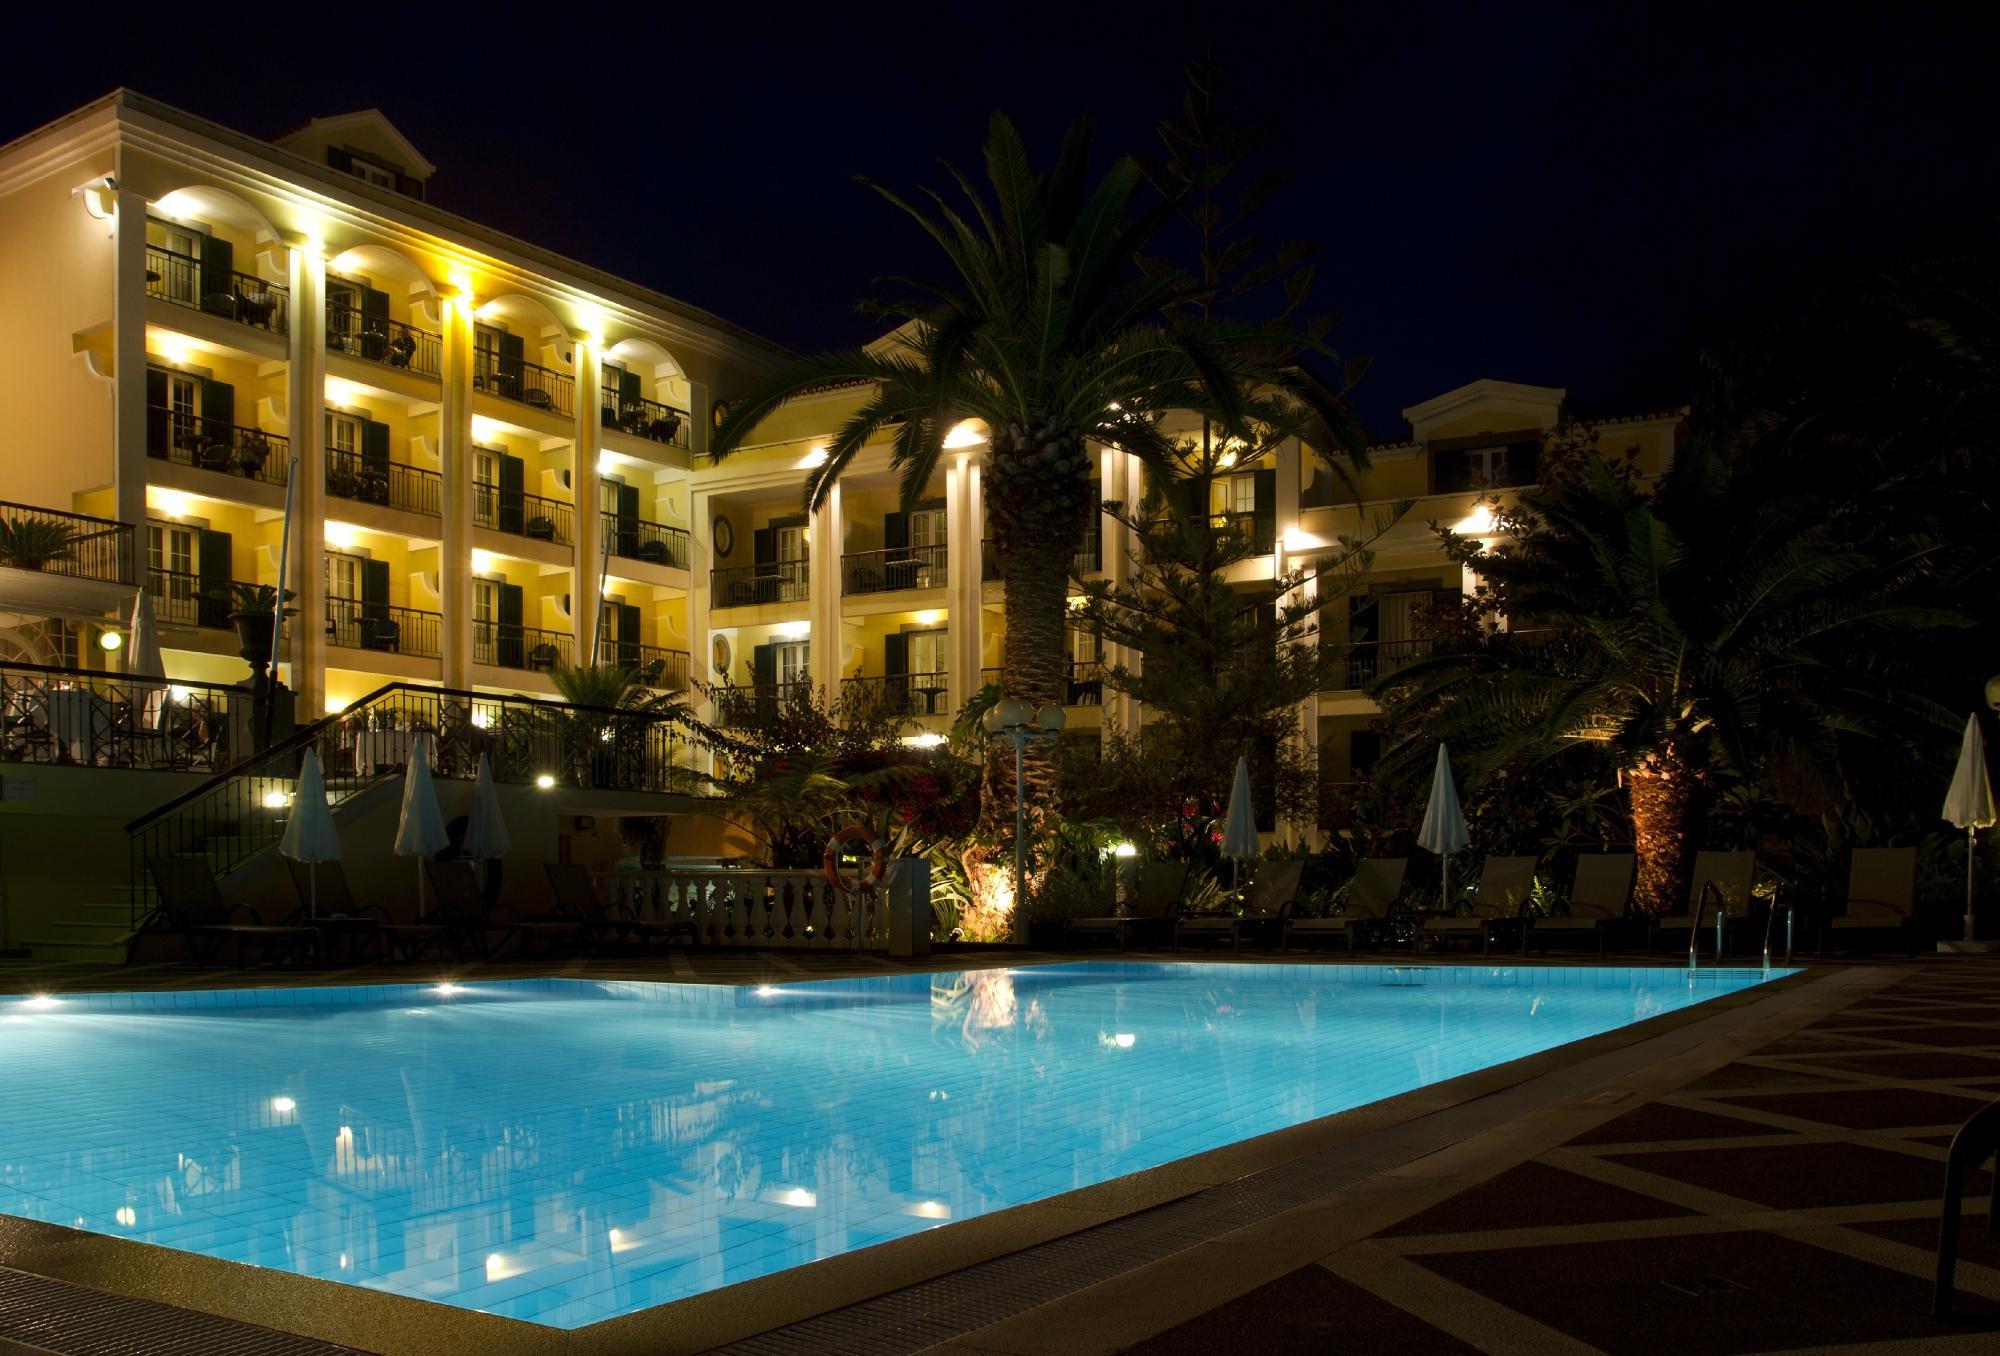 Hotel Quinta Bela Sao Tiago